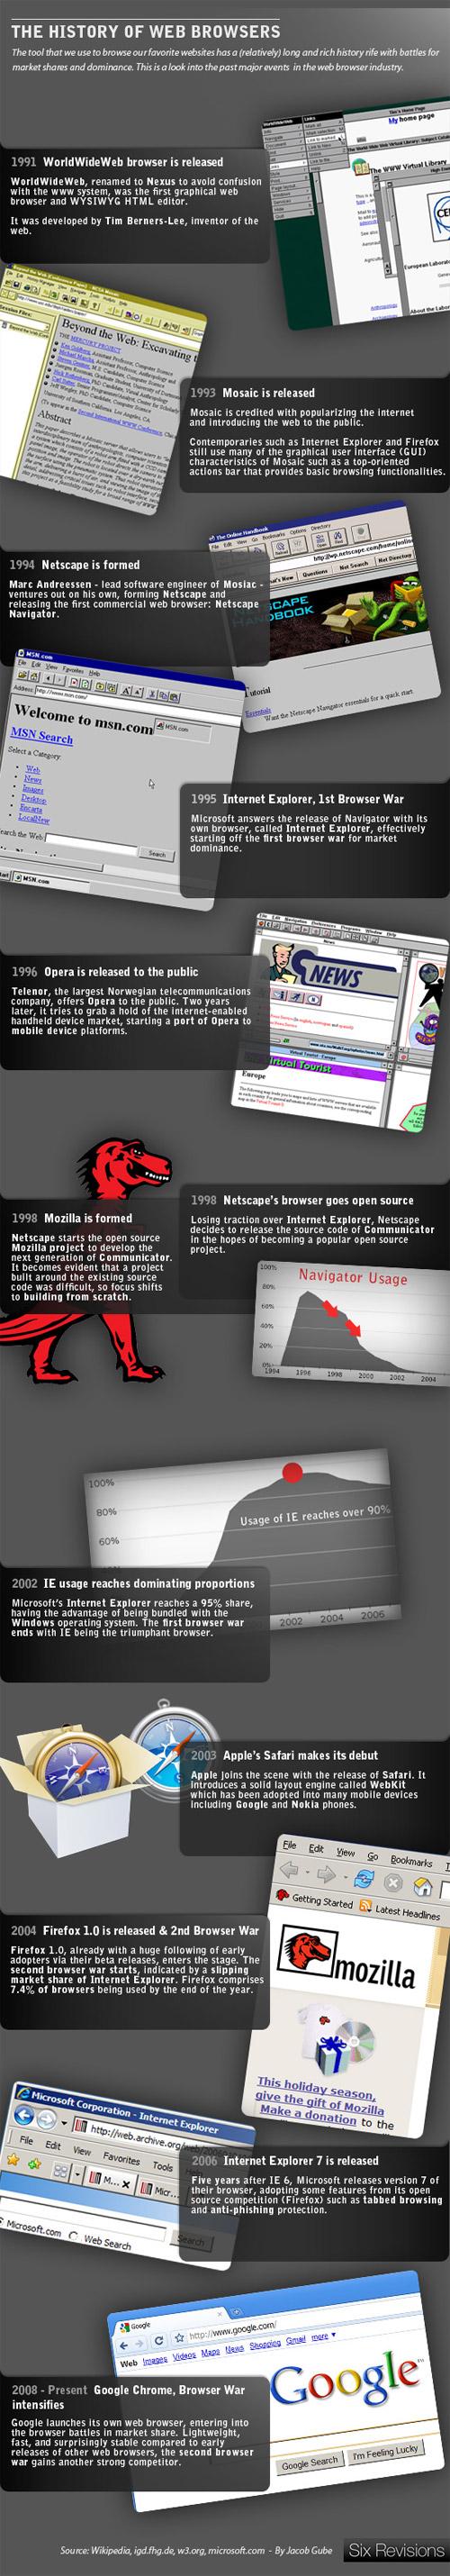 L'histoire des navigateurs web